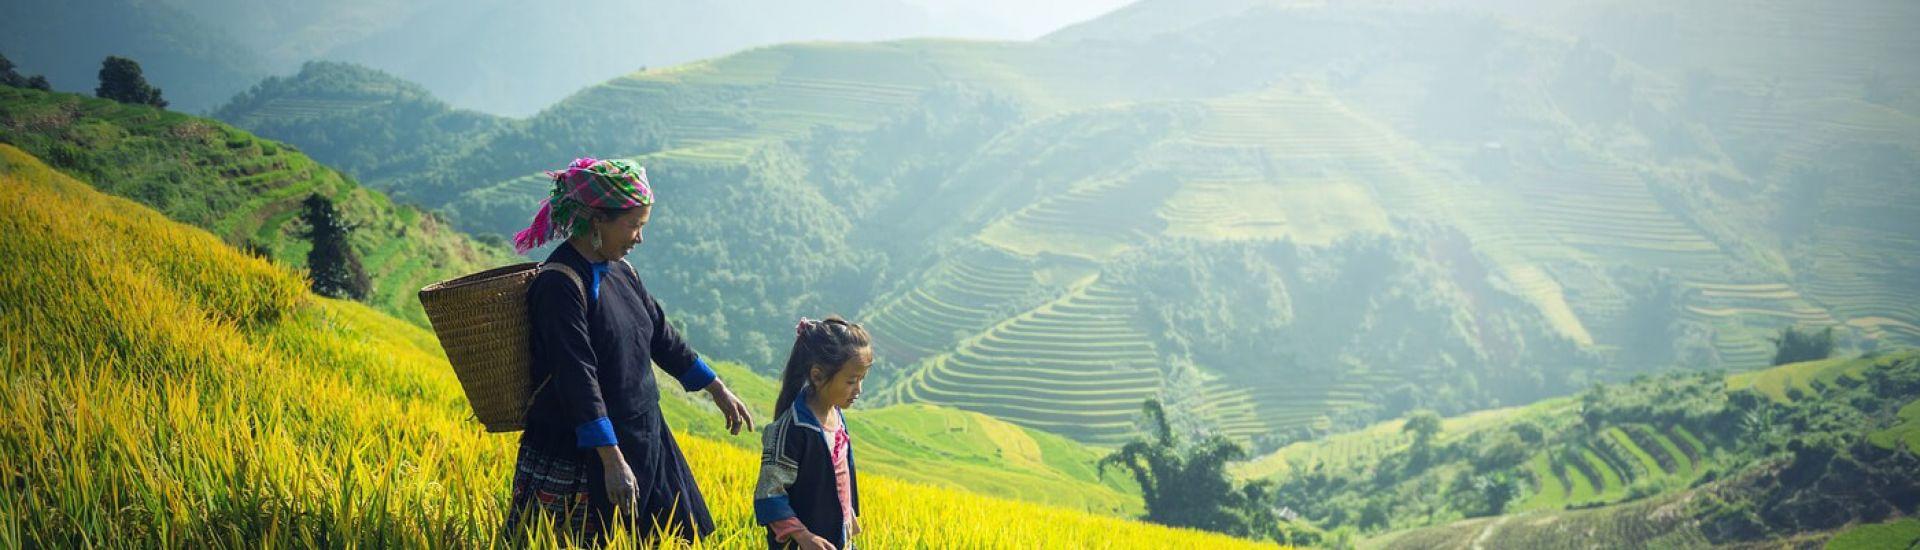 vietnam excursion 1